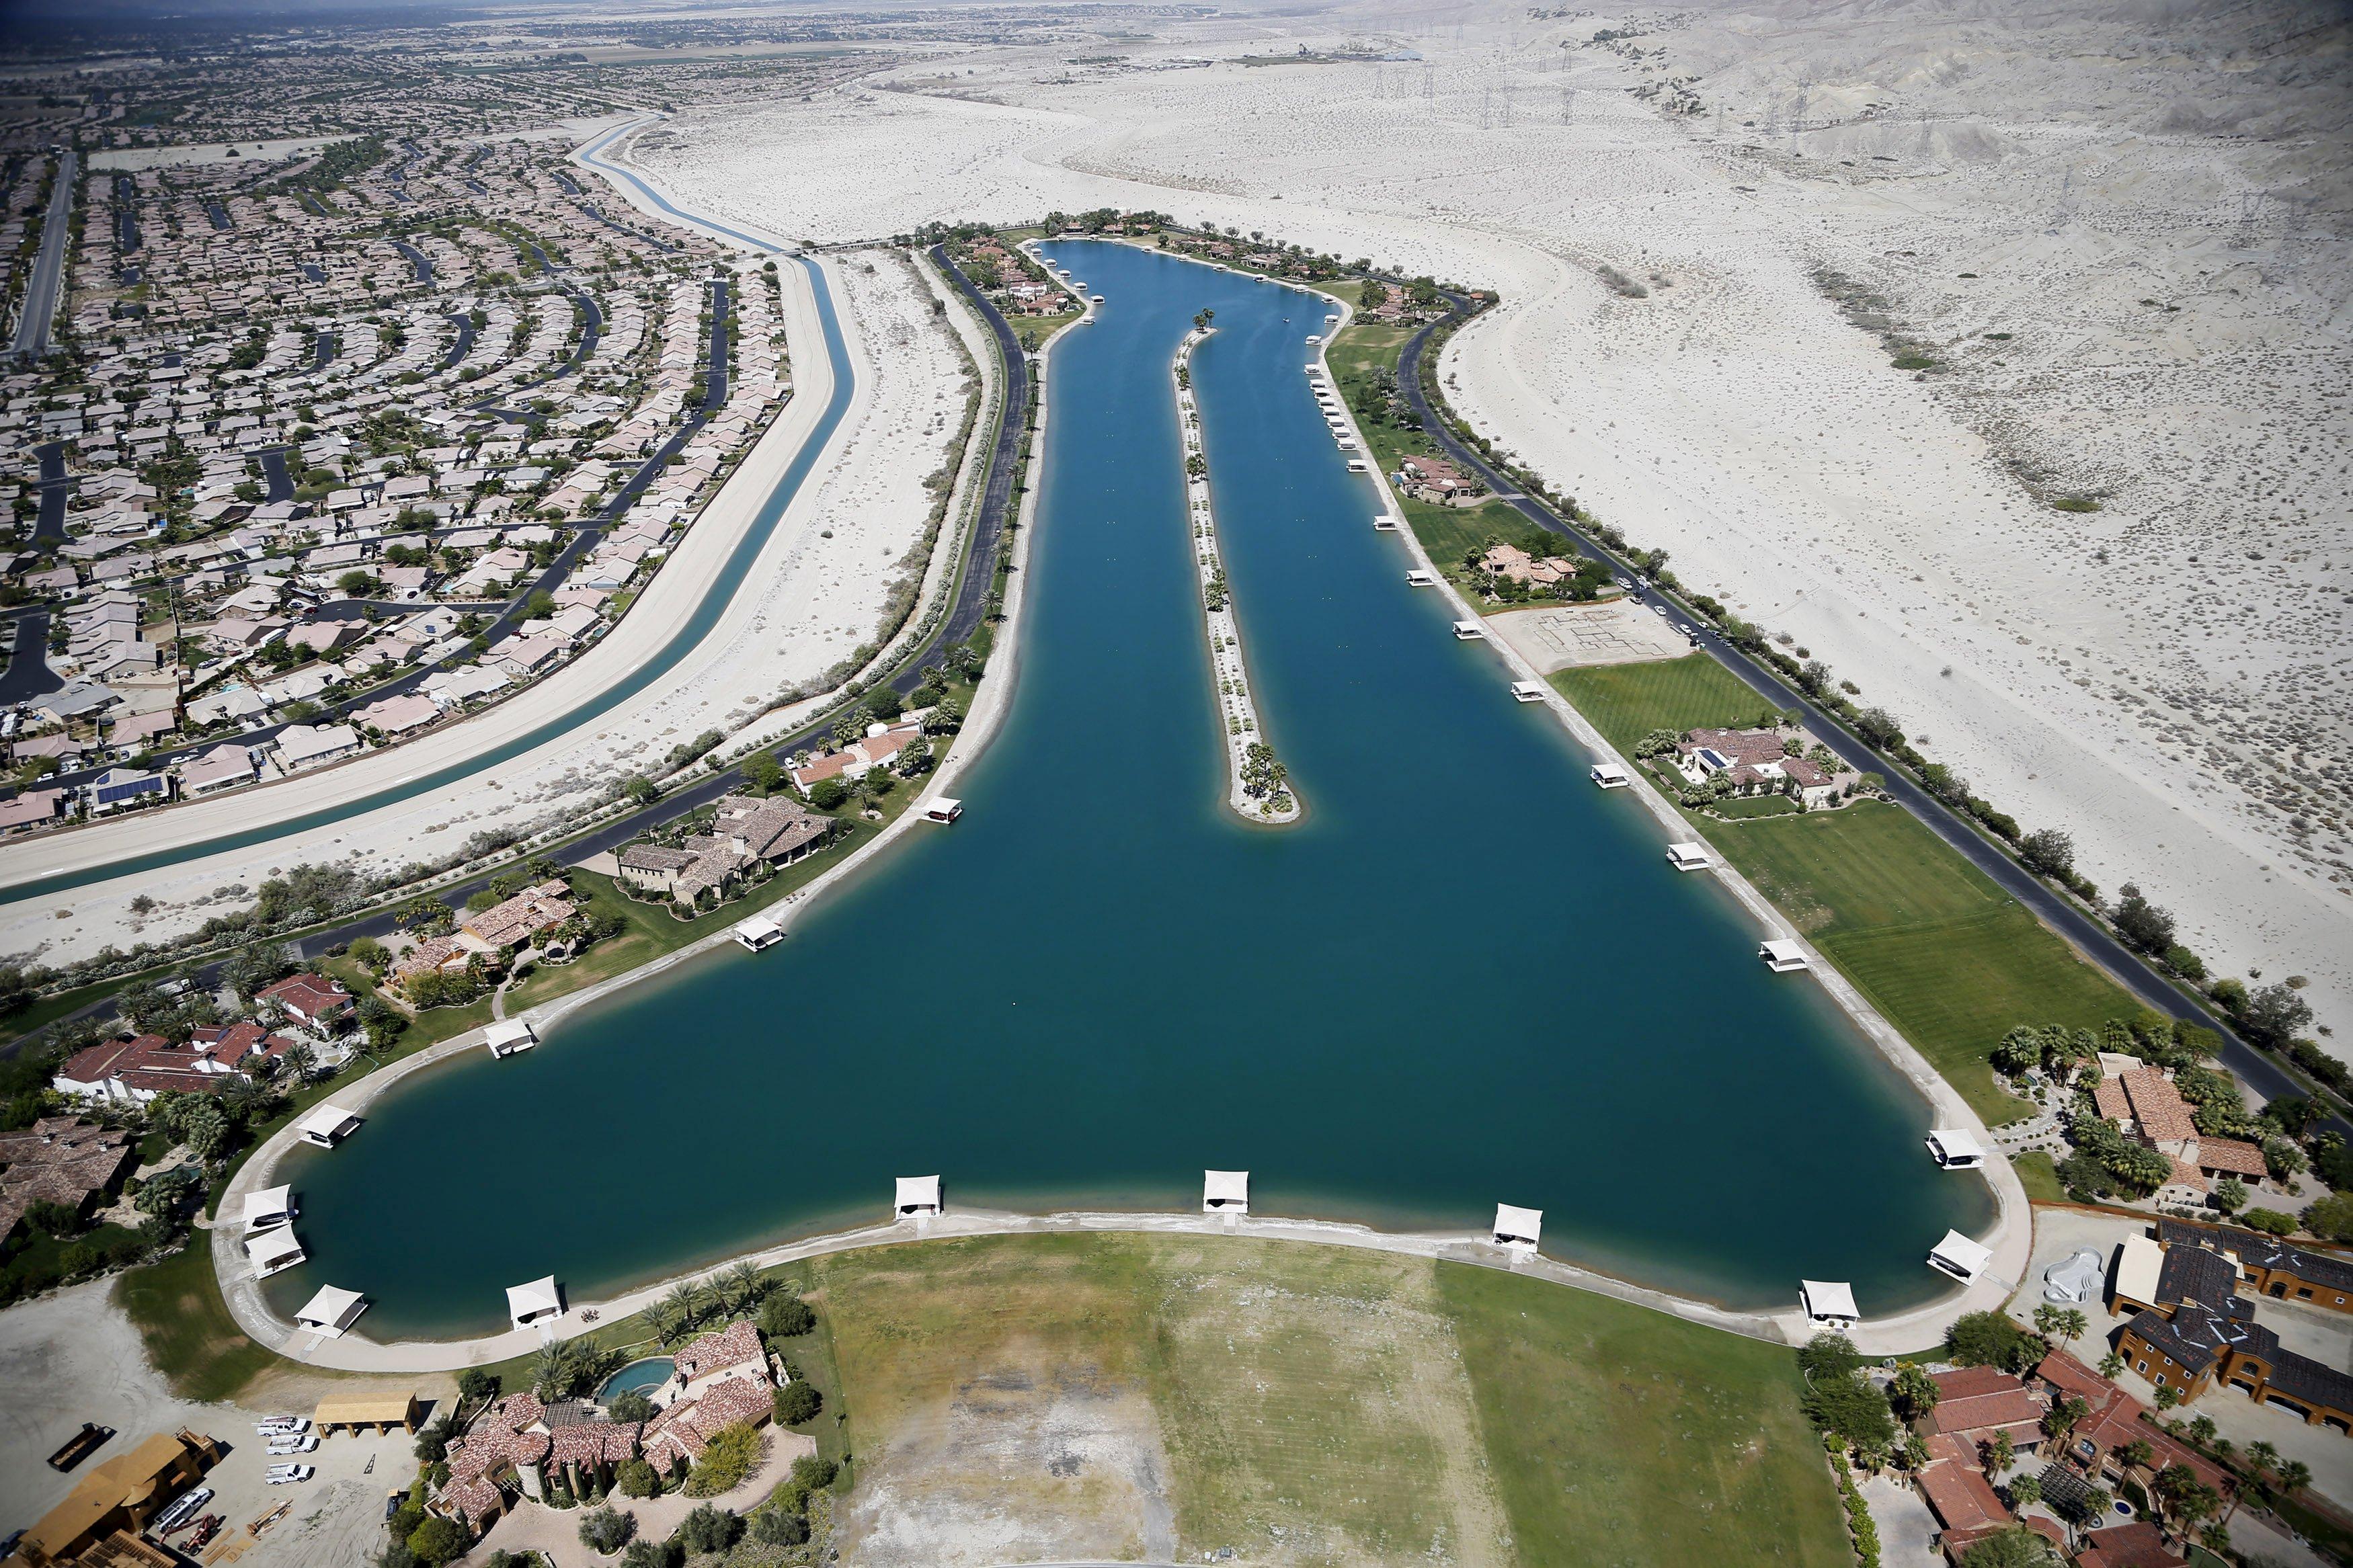 Porqu california se quedar sin agua en un a o - Agua sin cal ...